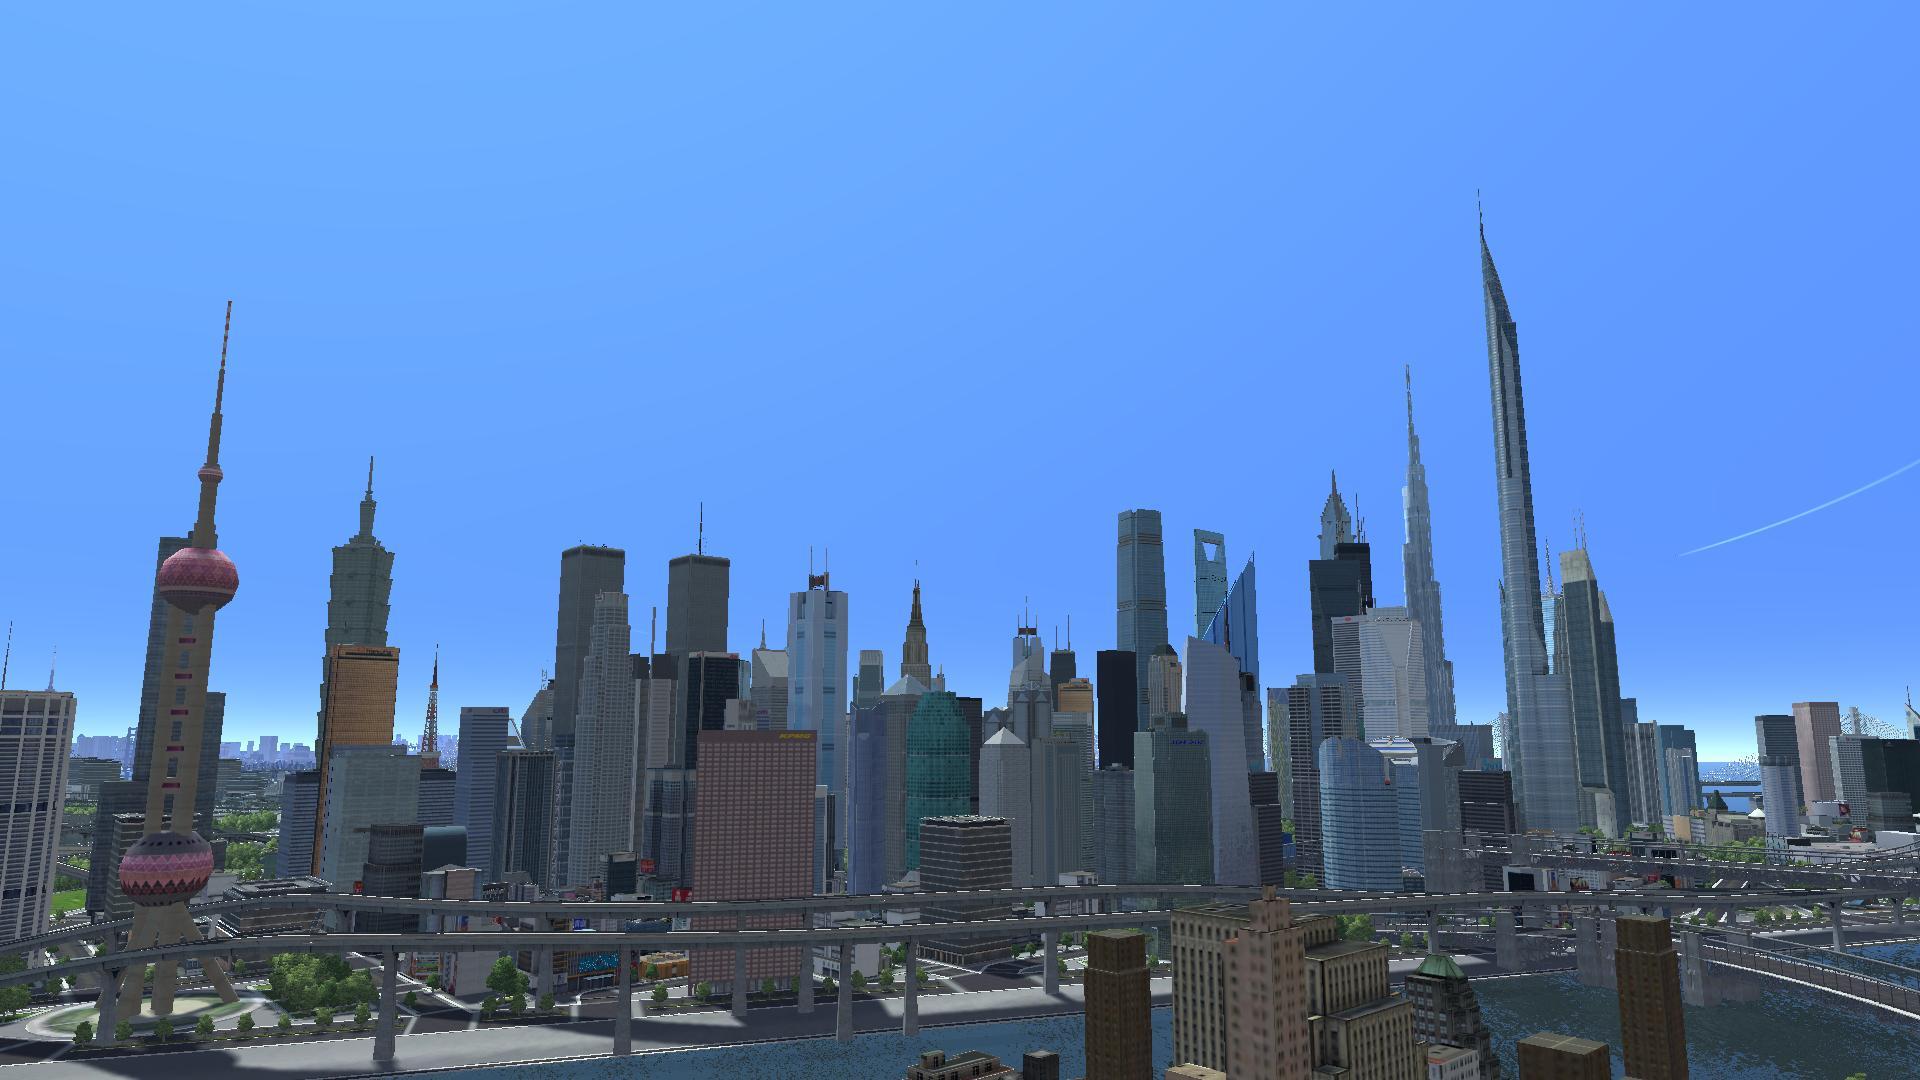 CitiesXL_2012 2014-11-06 01-52-02-35.jpg